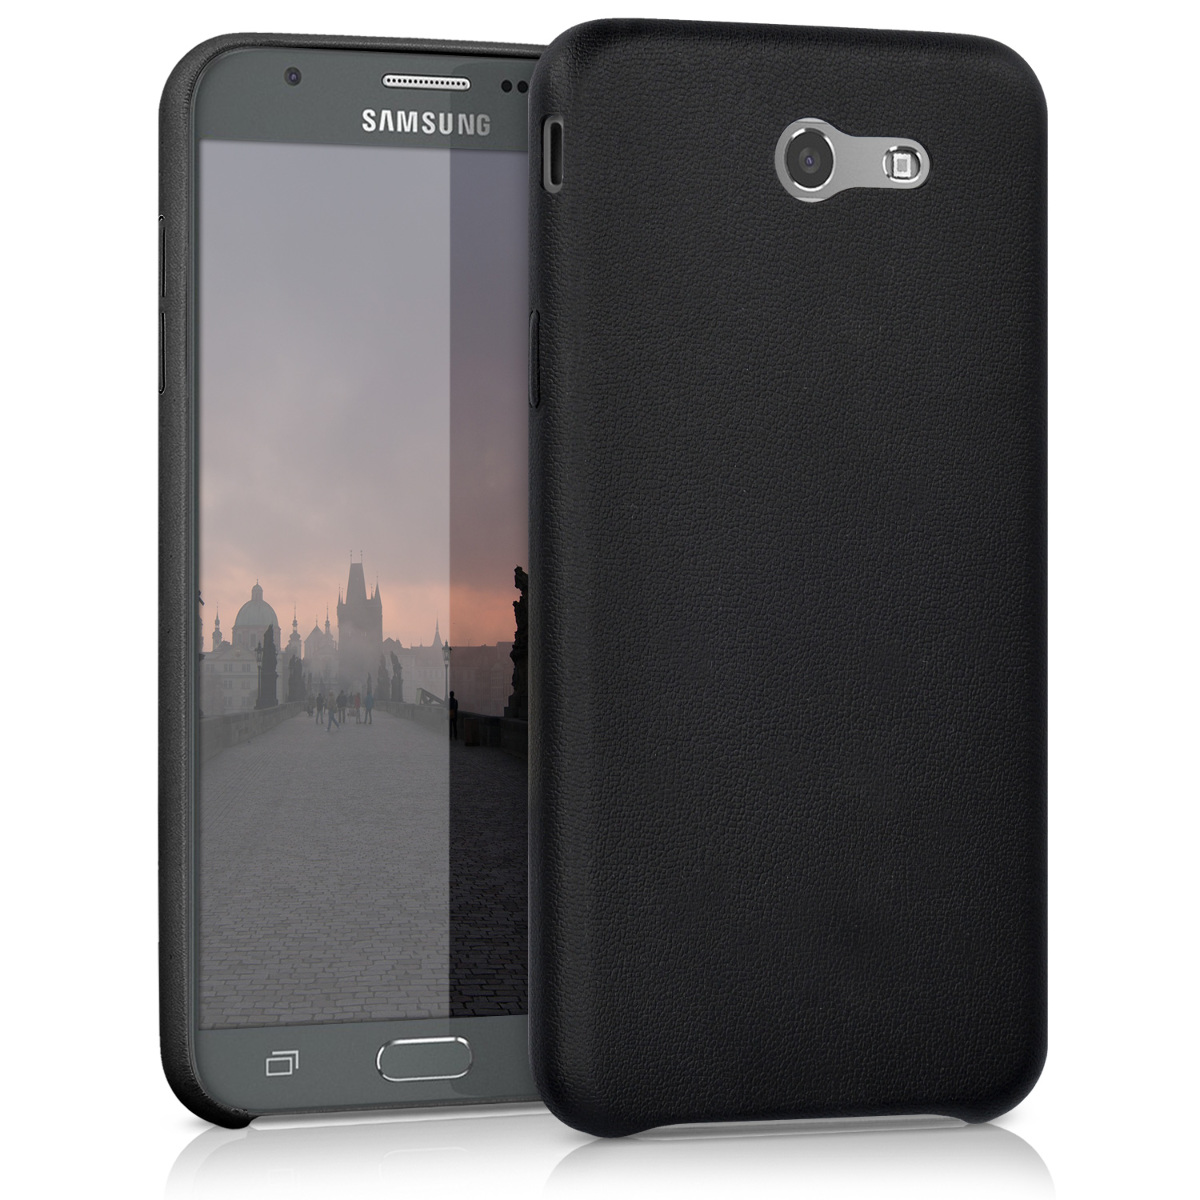 Kvalitní plastové pouzdro pro Samsung J7 2017 (USA) - černé